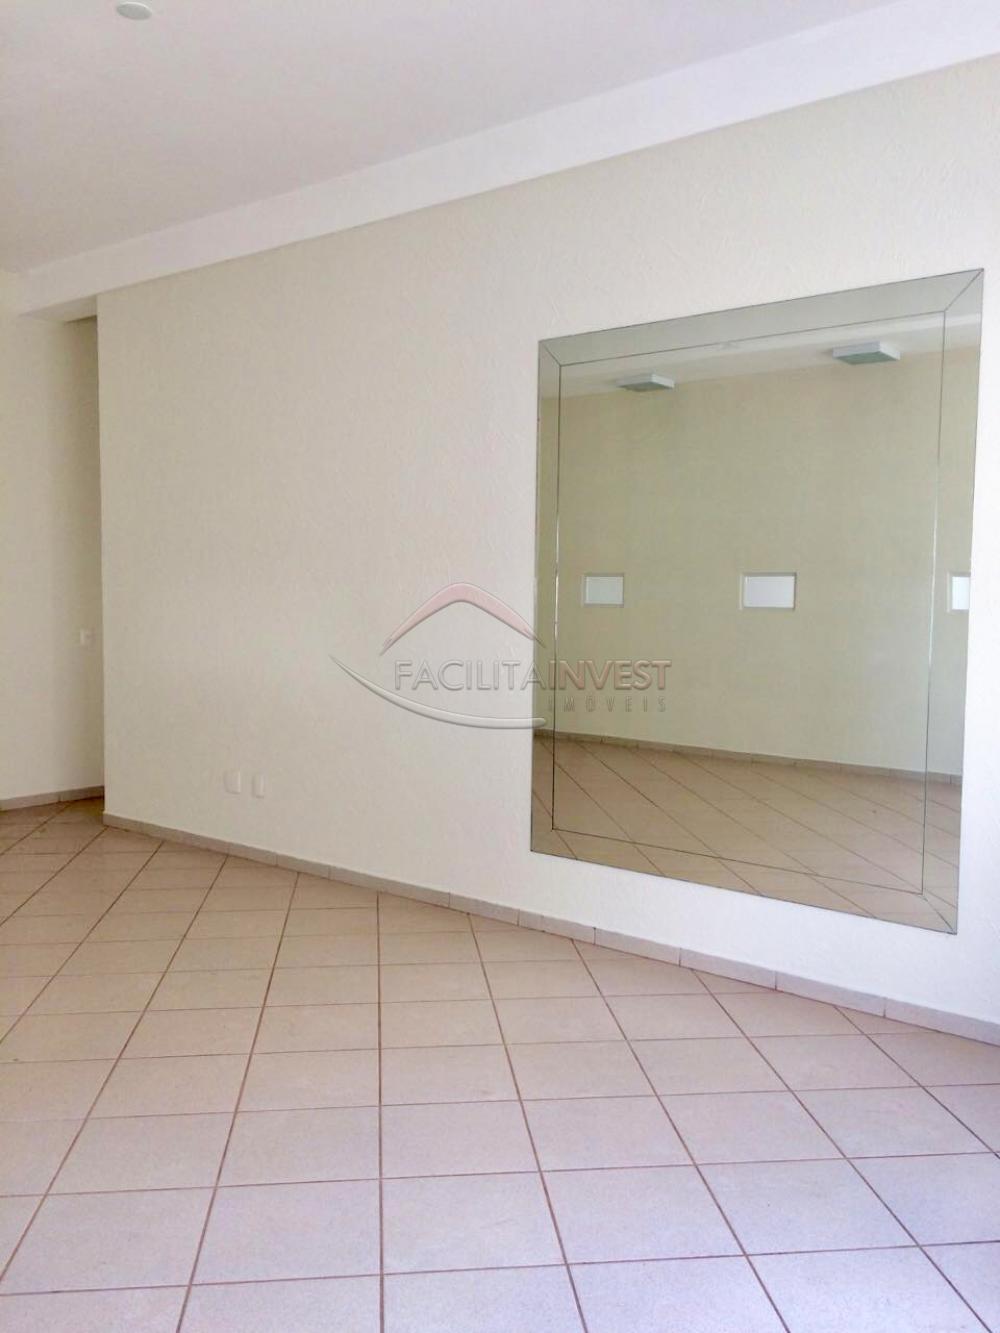 Alugar Casa Comercial/Prédio comercial / Predio comercial em Ribeirão Preto apenas R$ 4.900,00 - Foto 5